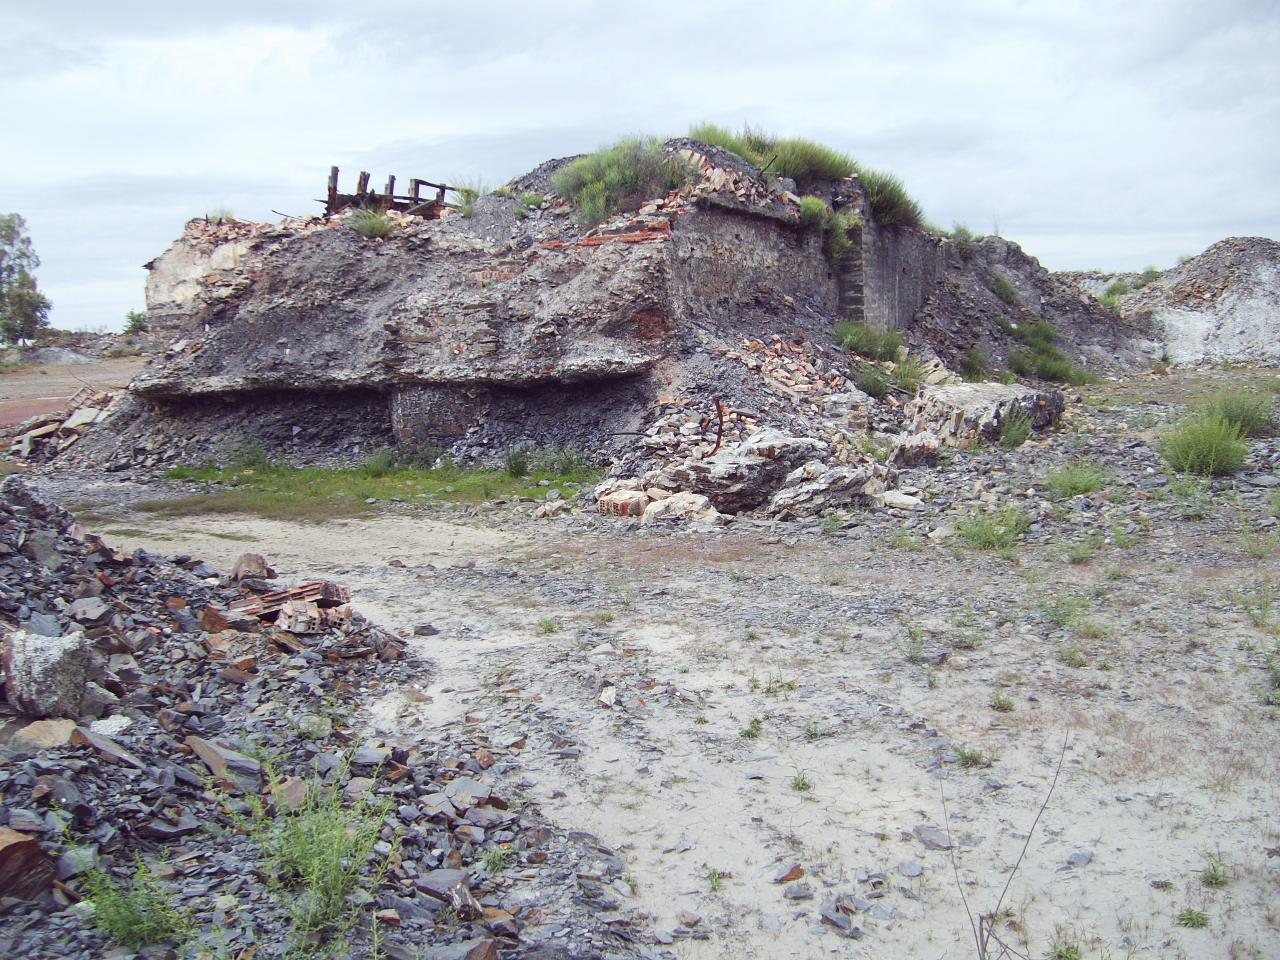 Mineralog a hisp nica mina terreras villanueva del duque for Villanueva del duque